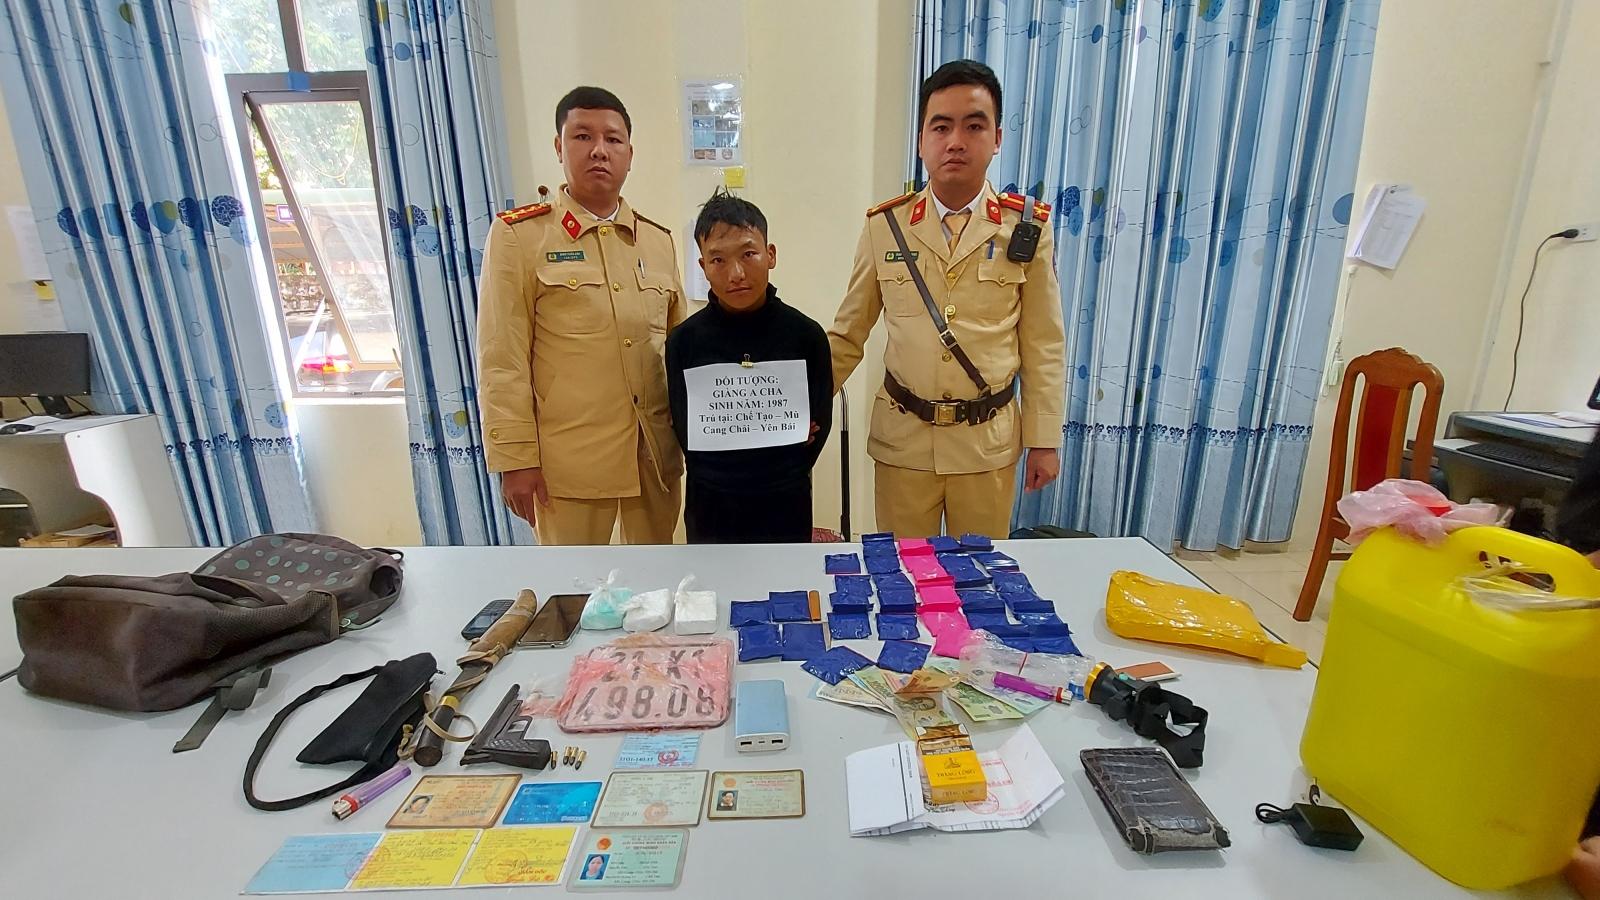 Công an Sơn La bắt 3 vụ mua bán, tàng trữ trái phép chất ma túy trong 1 ngày